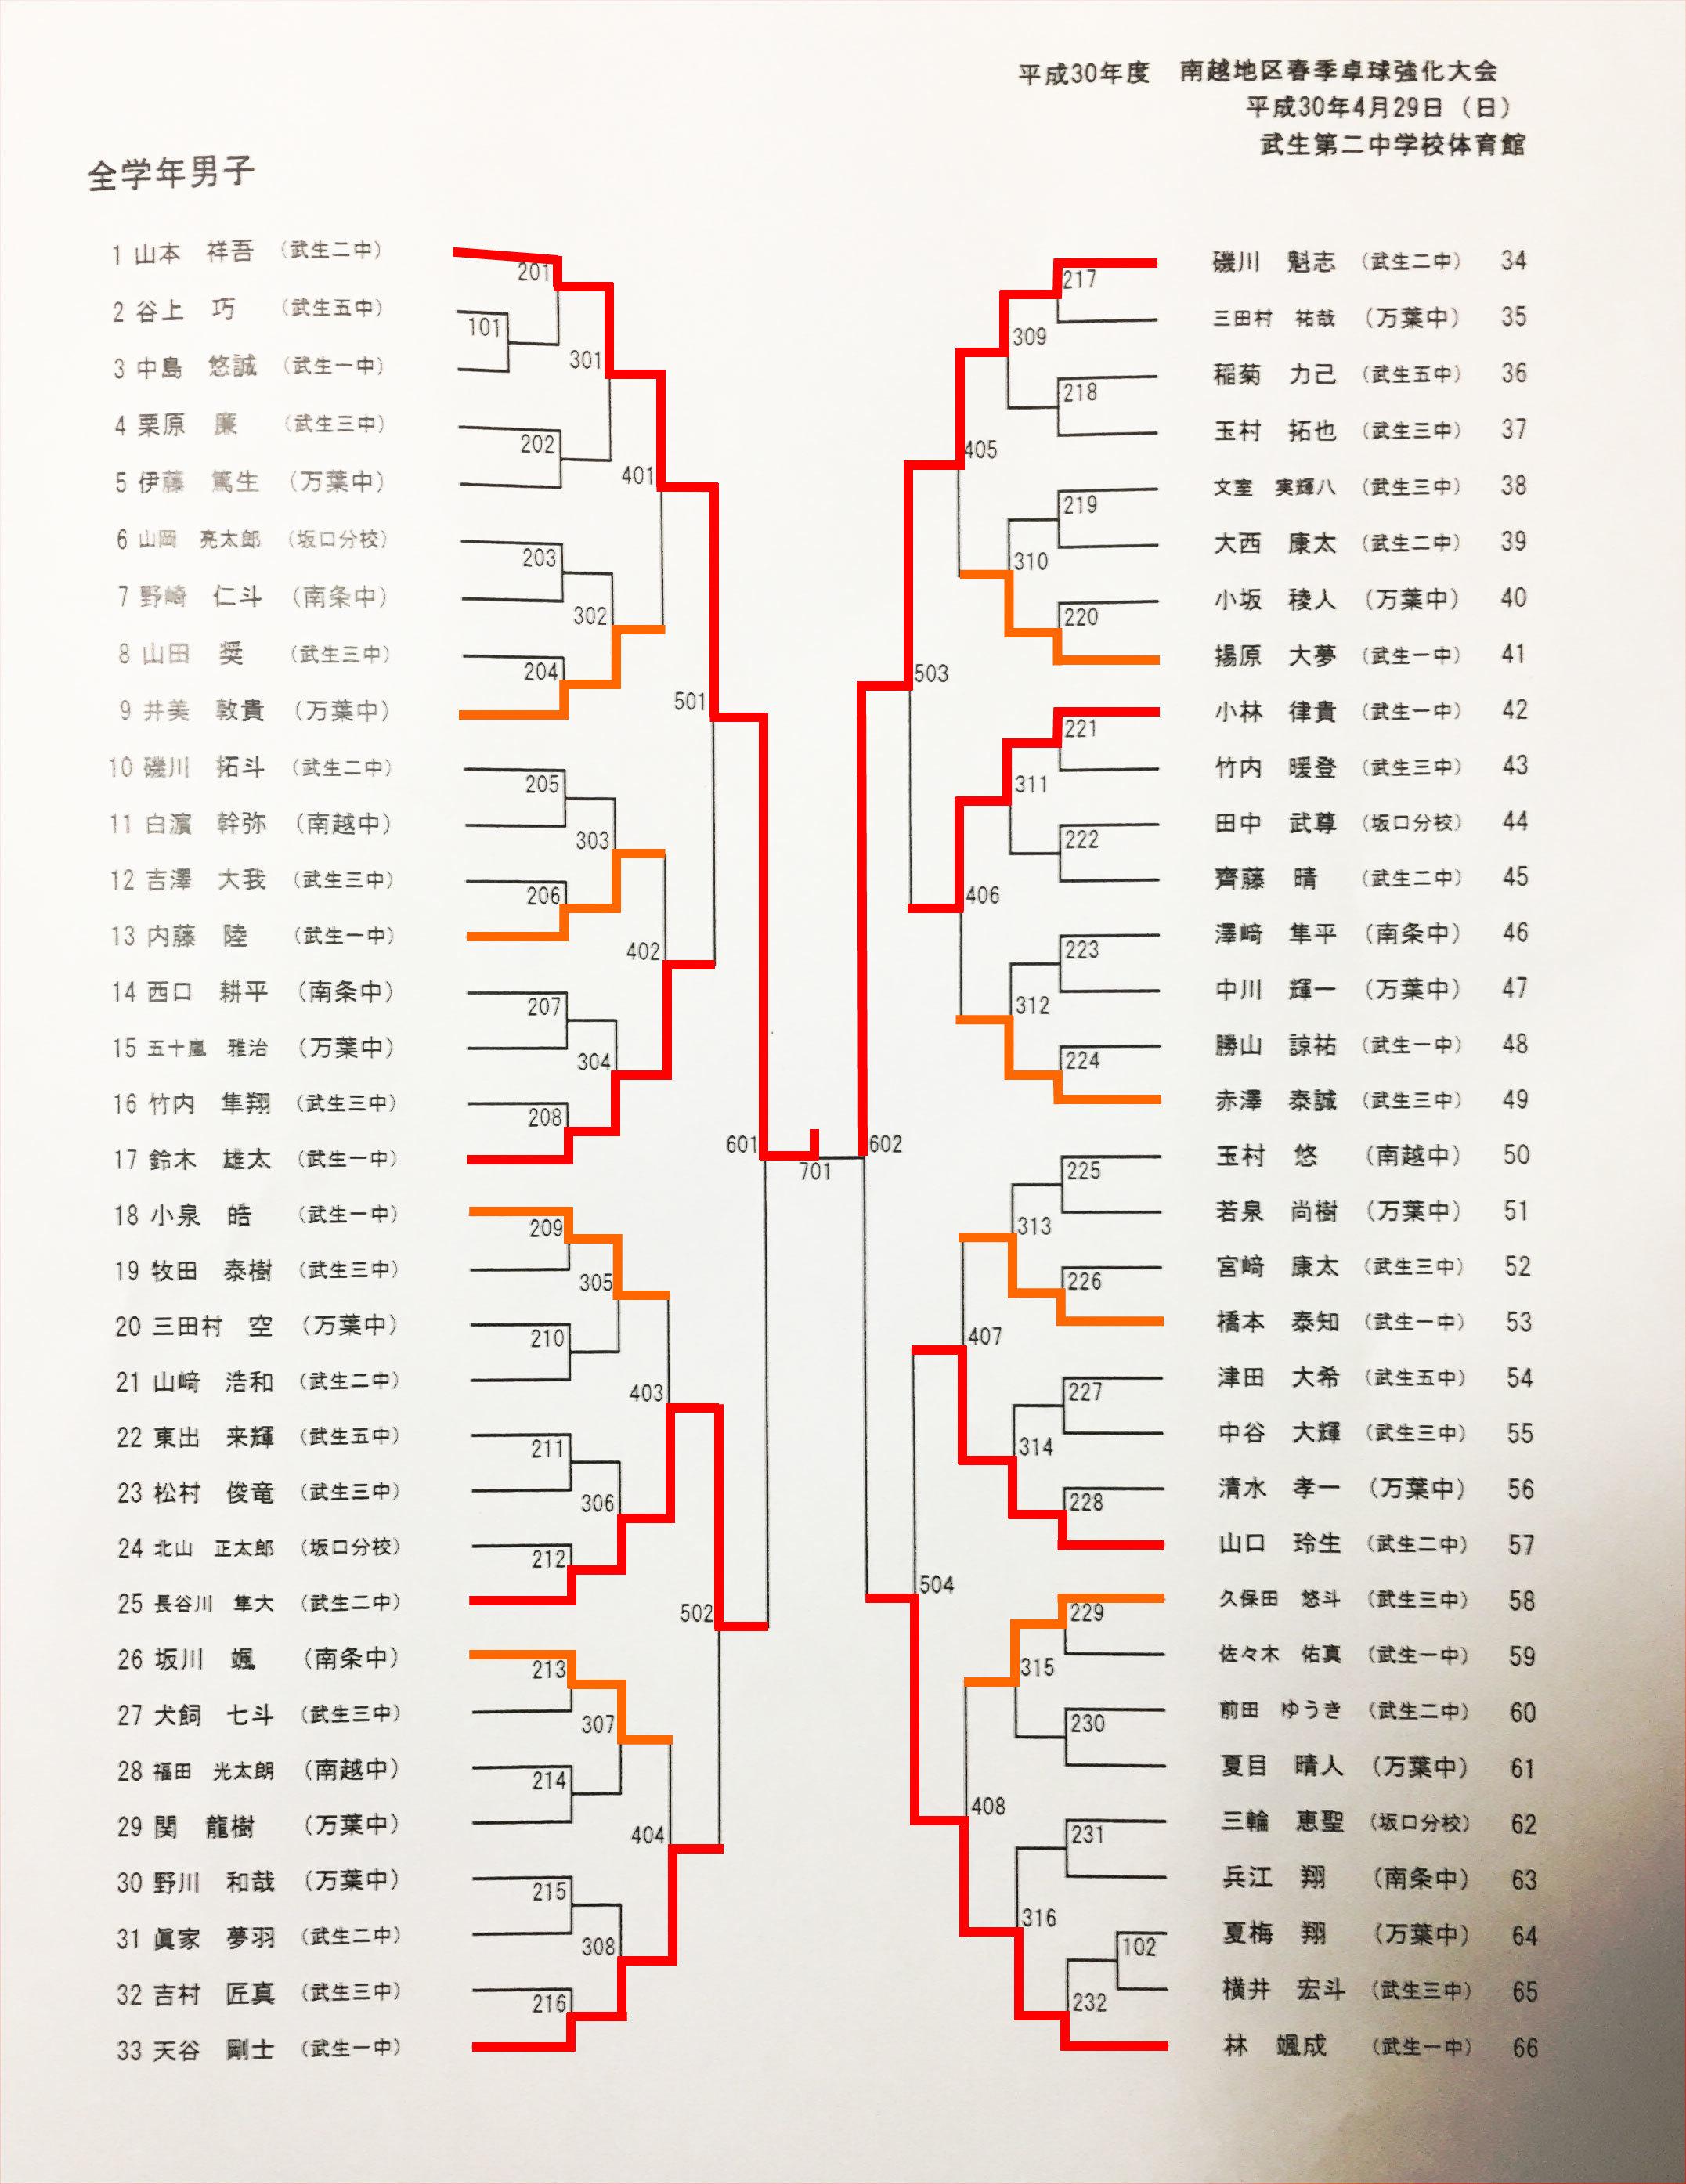 20180429_地区卓球強化大会_全学年シングルス_トーナメント表